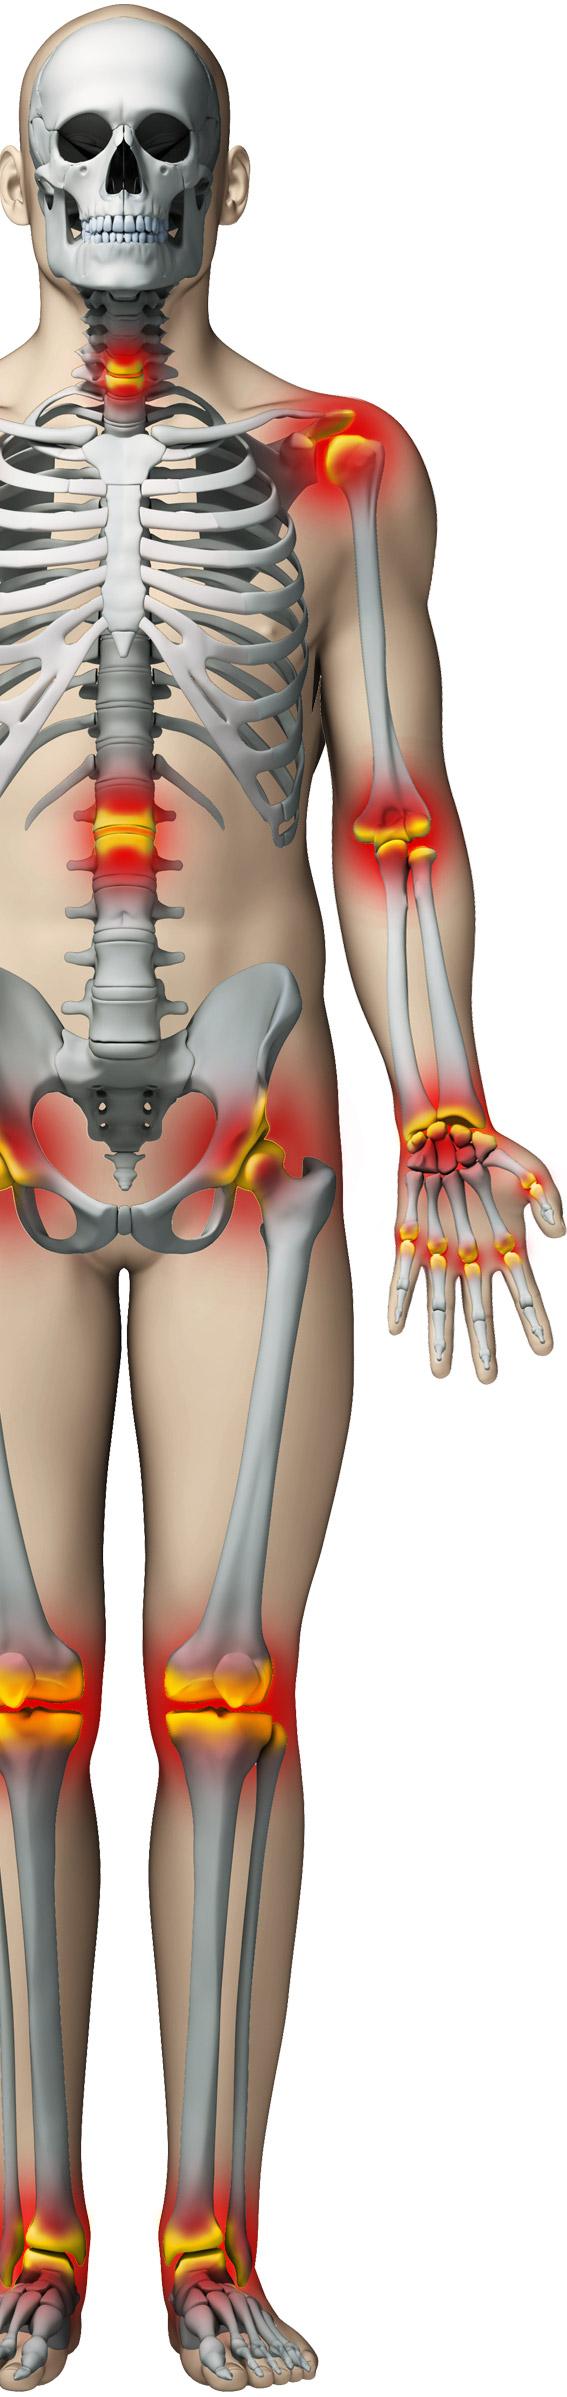 dureri articulare timp de șase luni tratamentul cu ode articulare